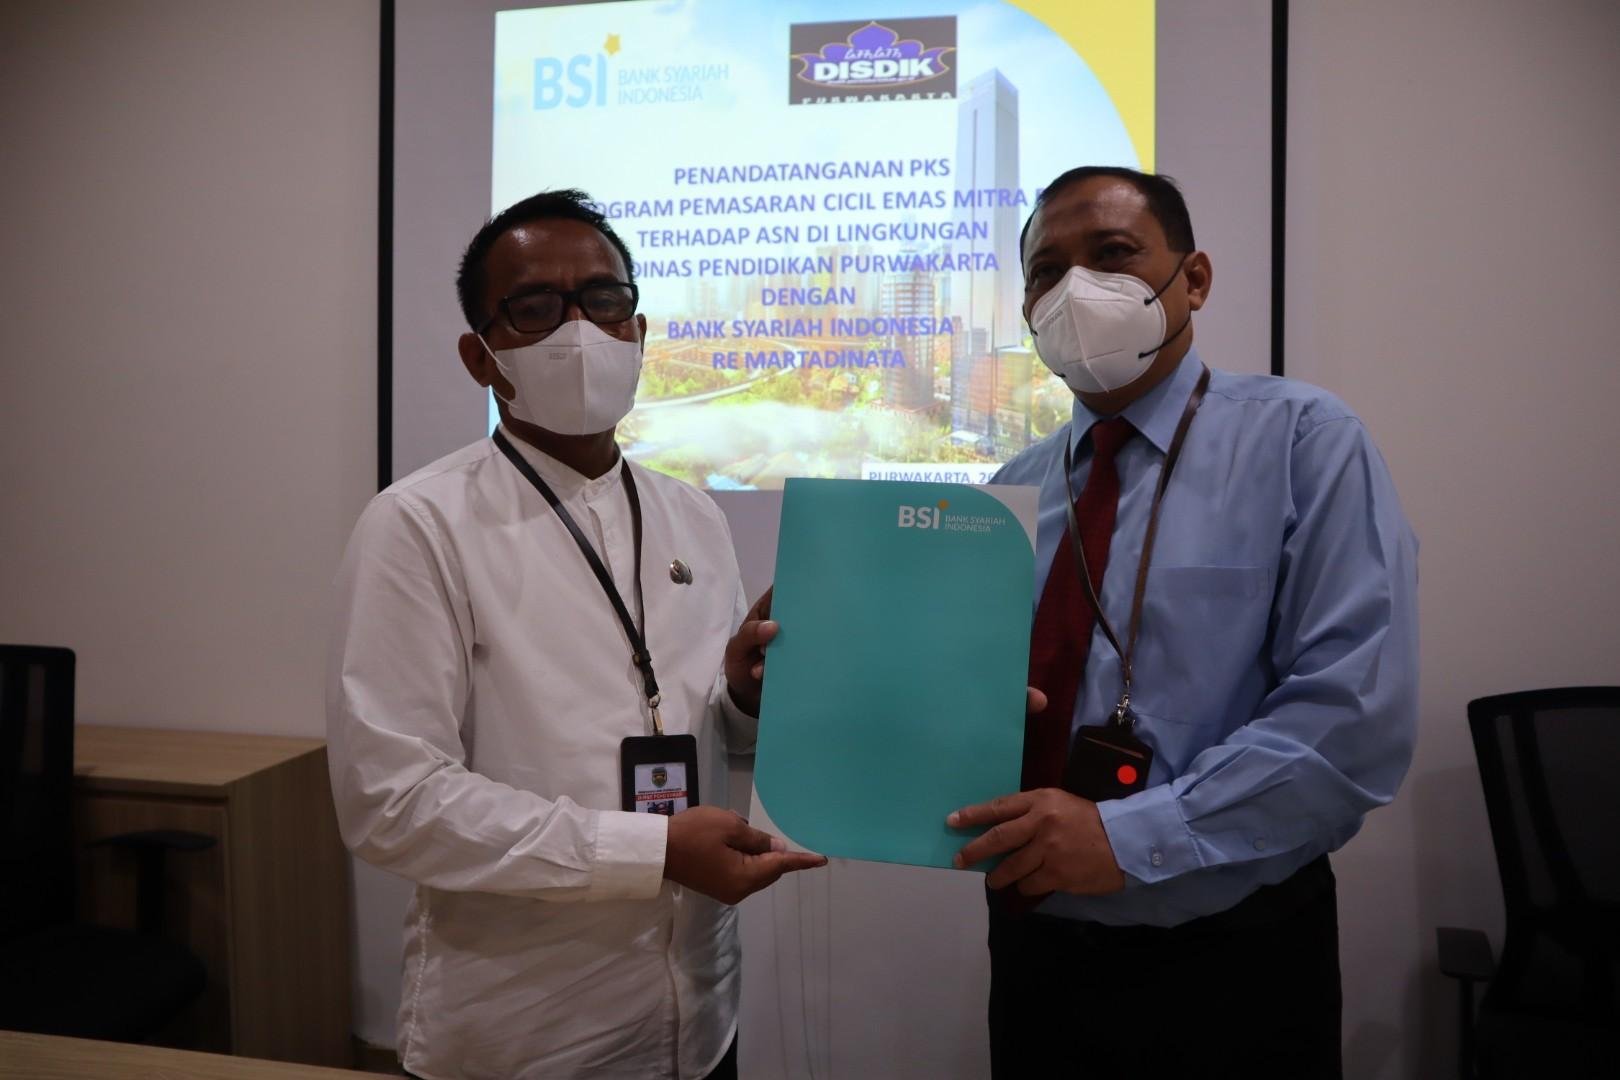 Disdik Jajaki Kerjasama dengan Bank Syariah Indonesia